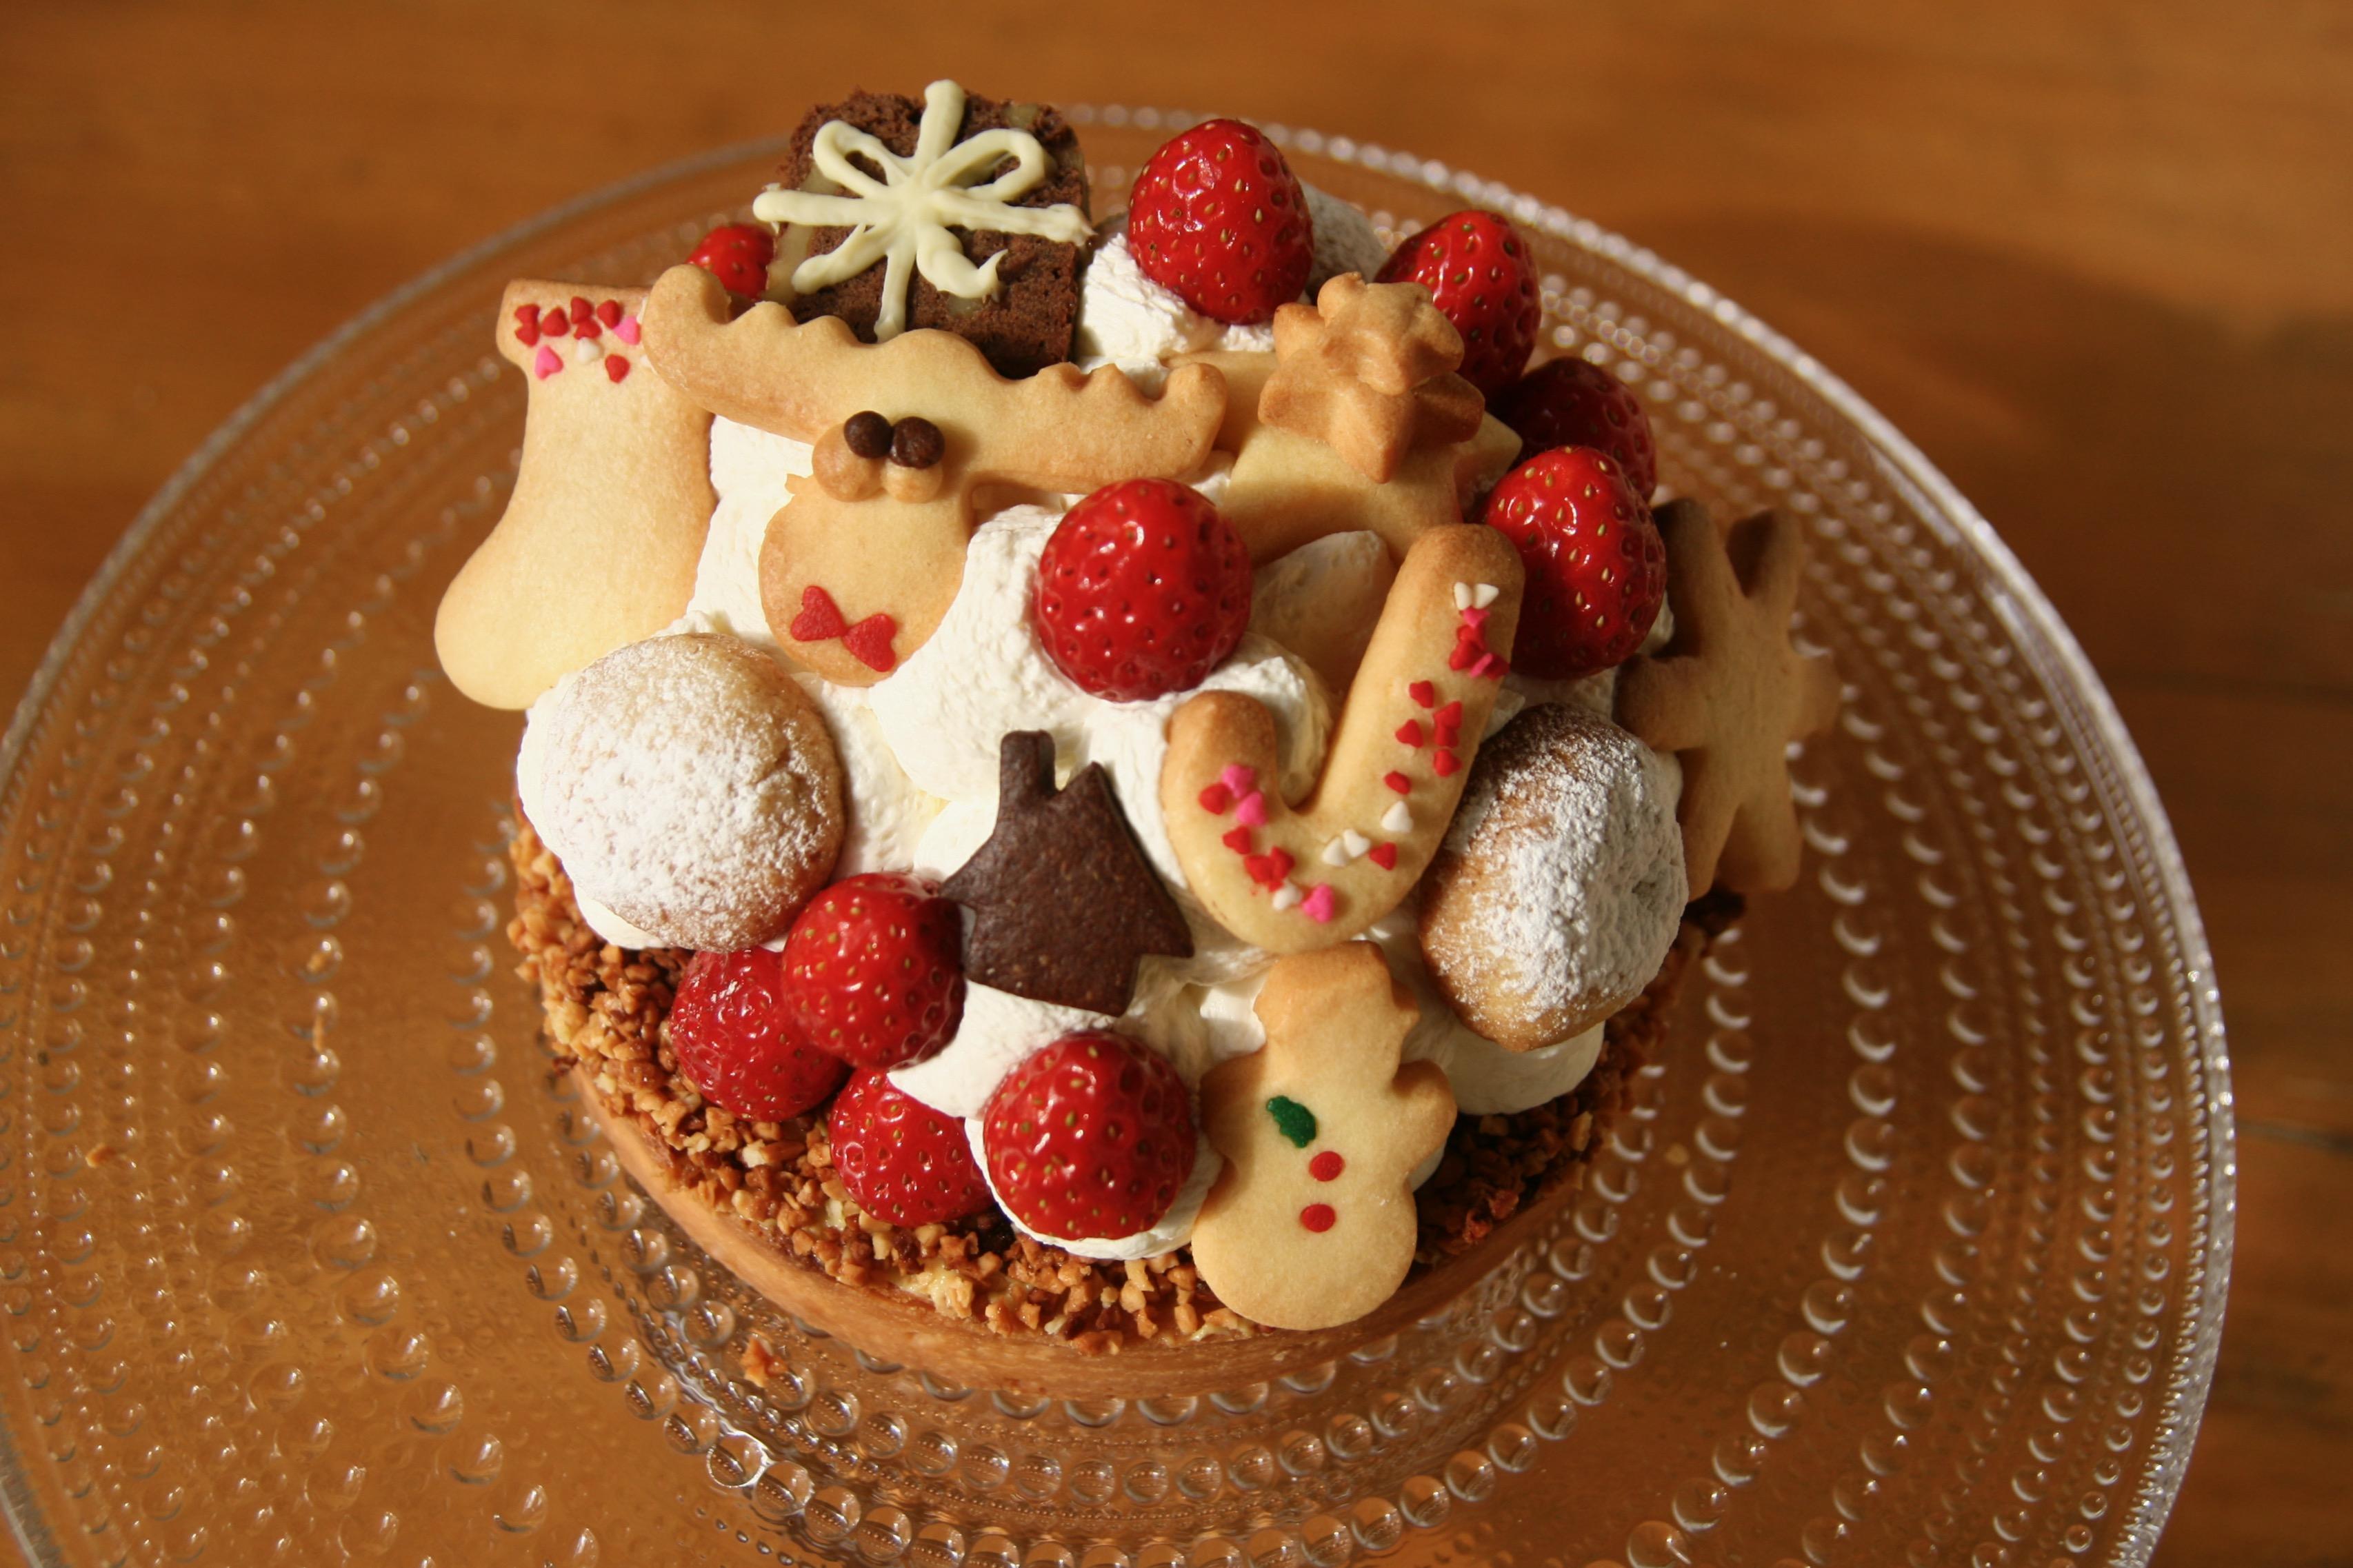 クリスマスケーキとオーダーメイド のケーキ